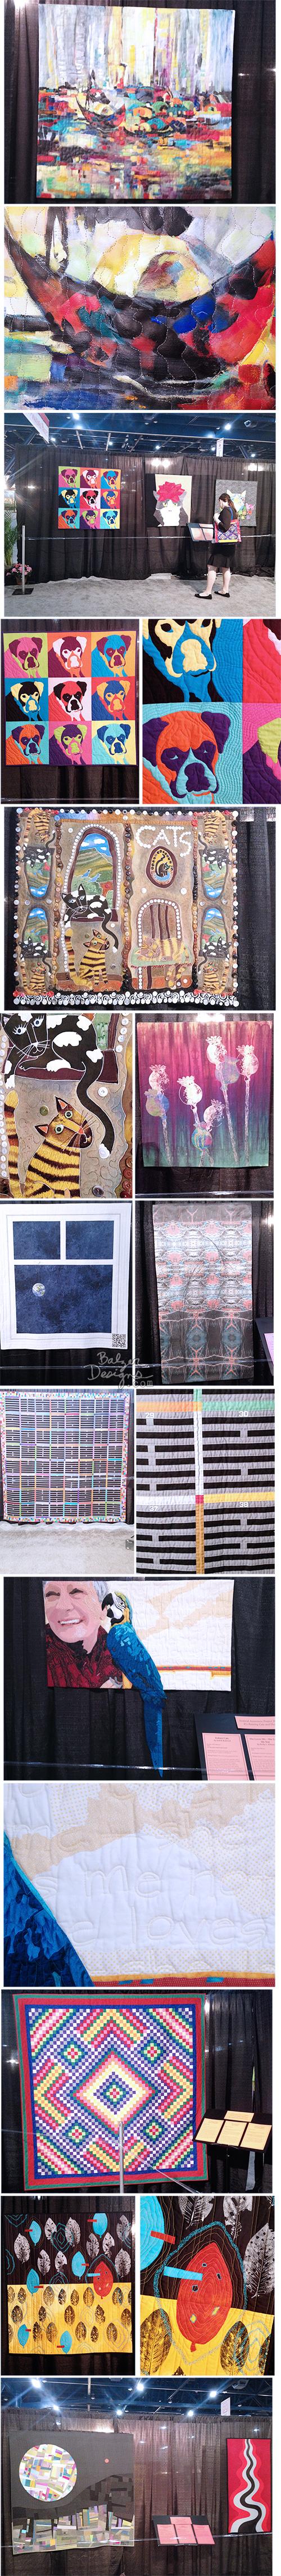 Quilts2-wm